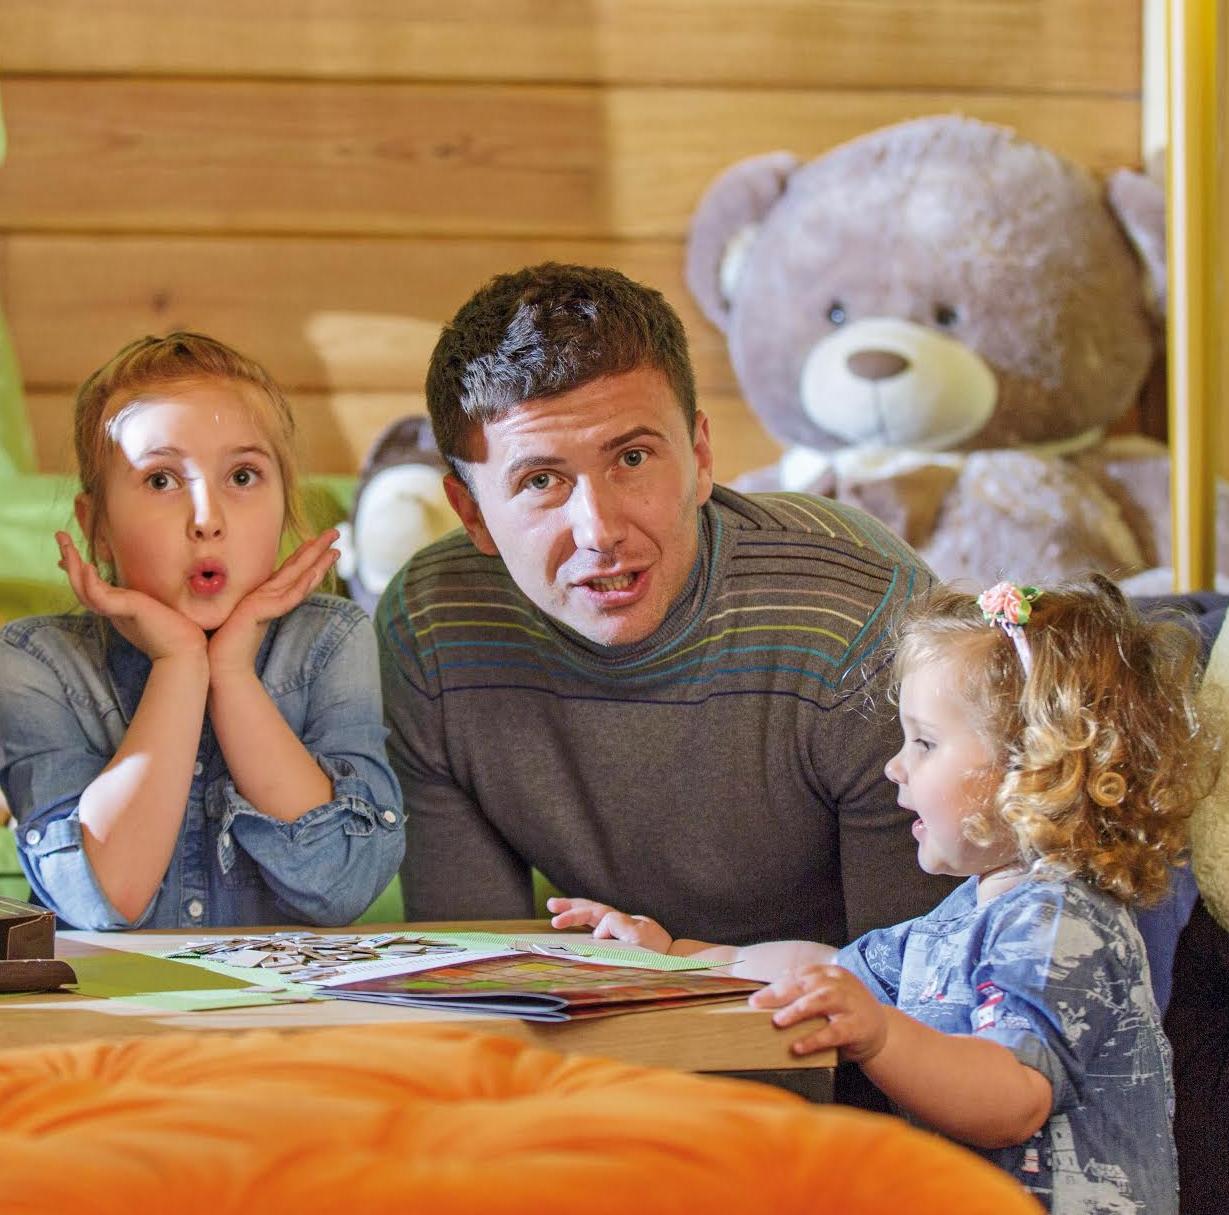 Дочкин папа: Практические рекомендации по воспитанию родителя